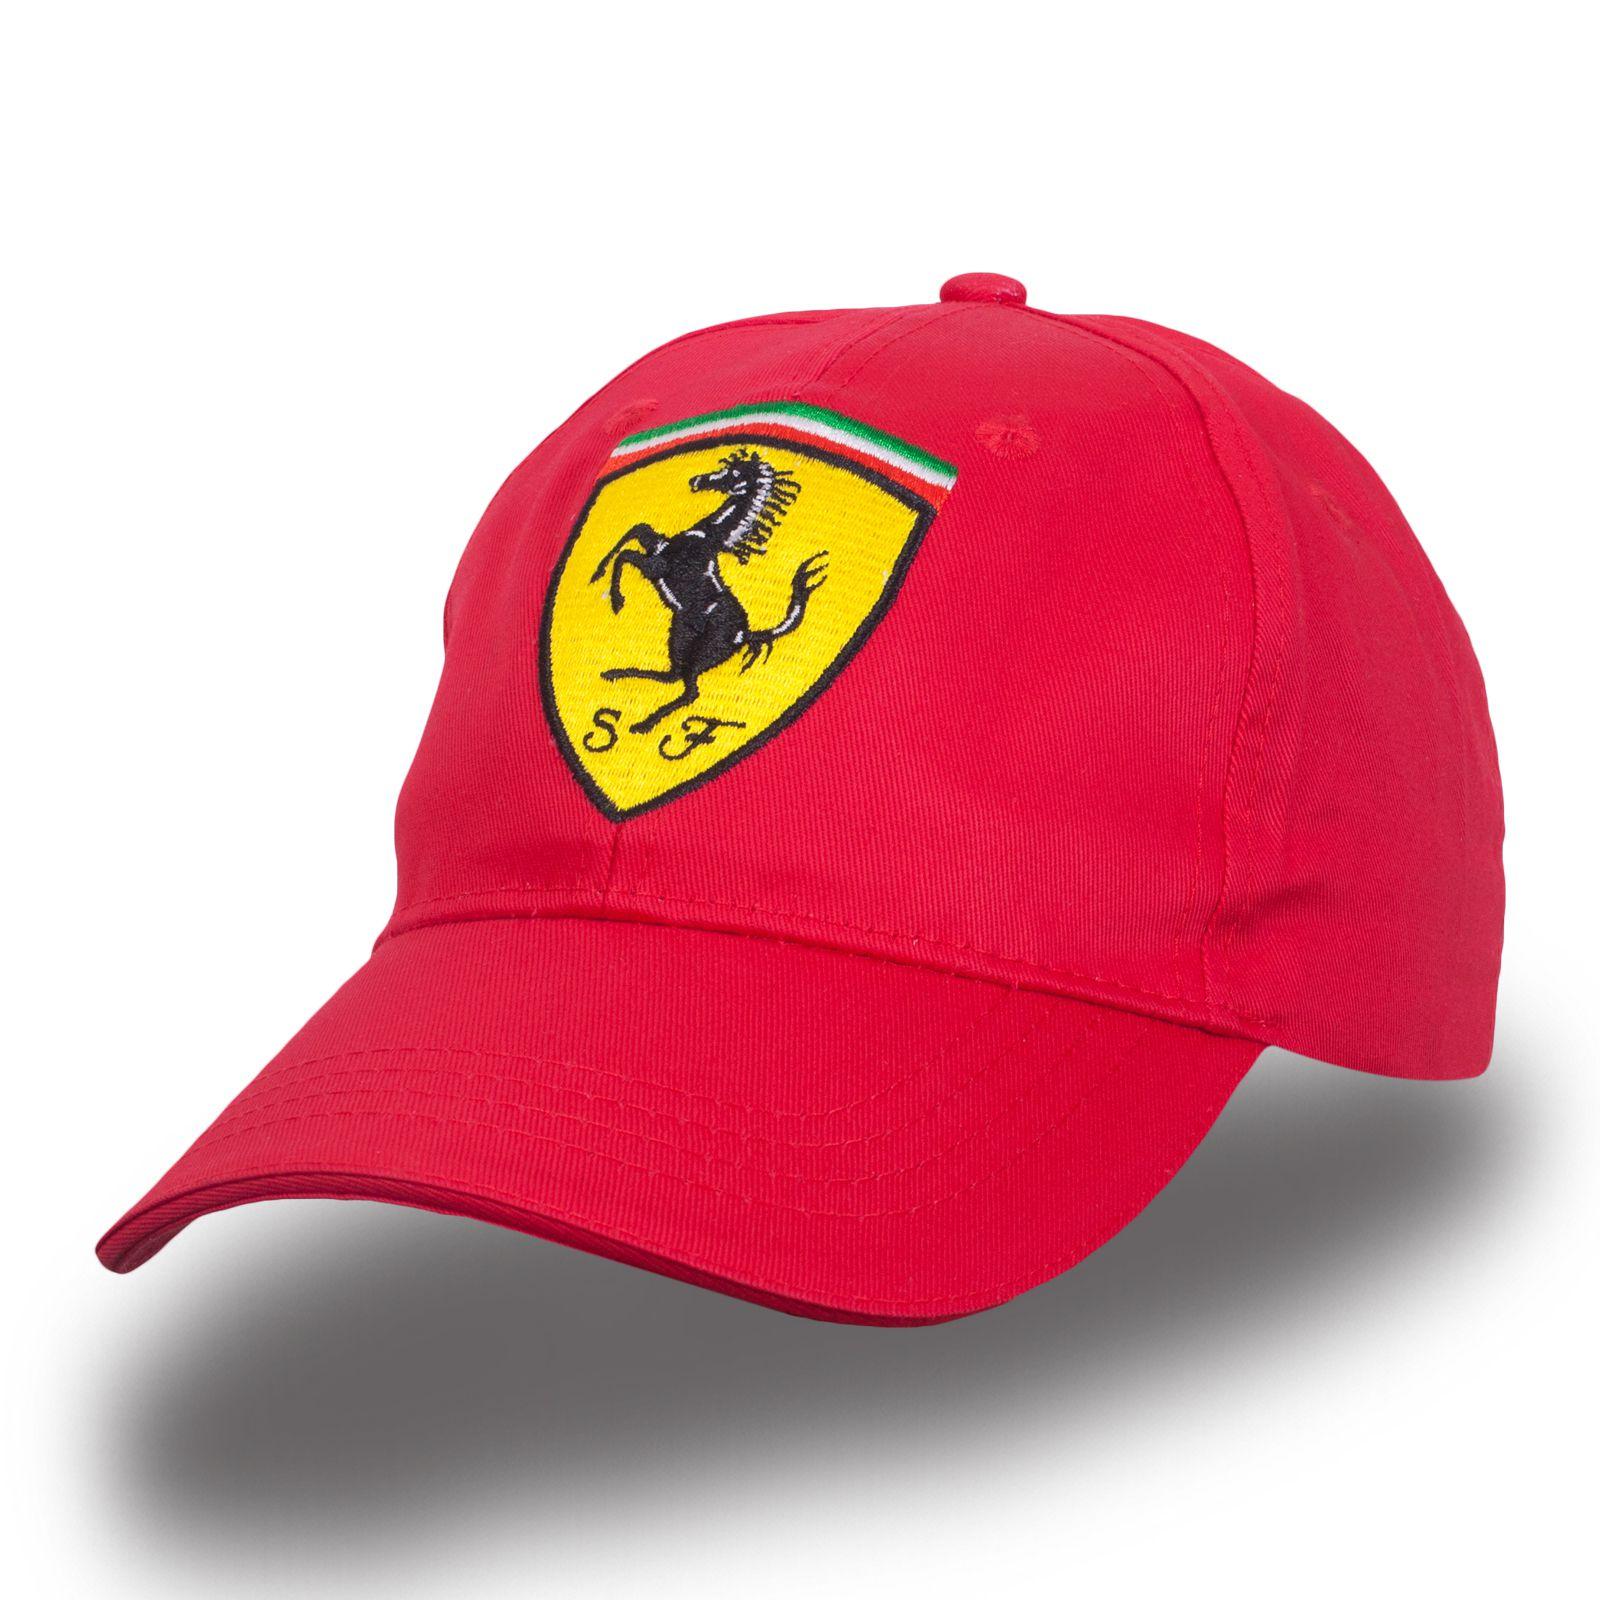 Красная кепка Ferrary - купить в интернет-магазине с доставкой